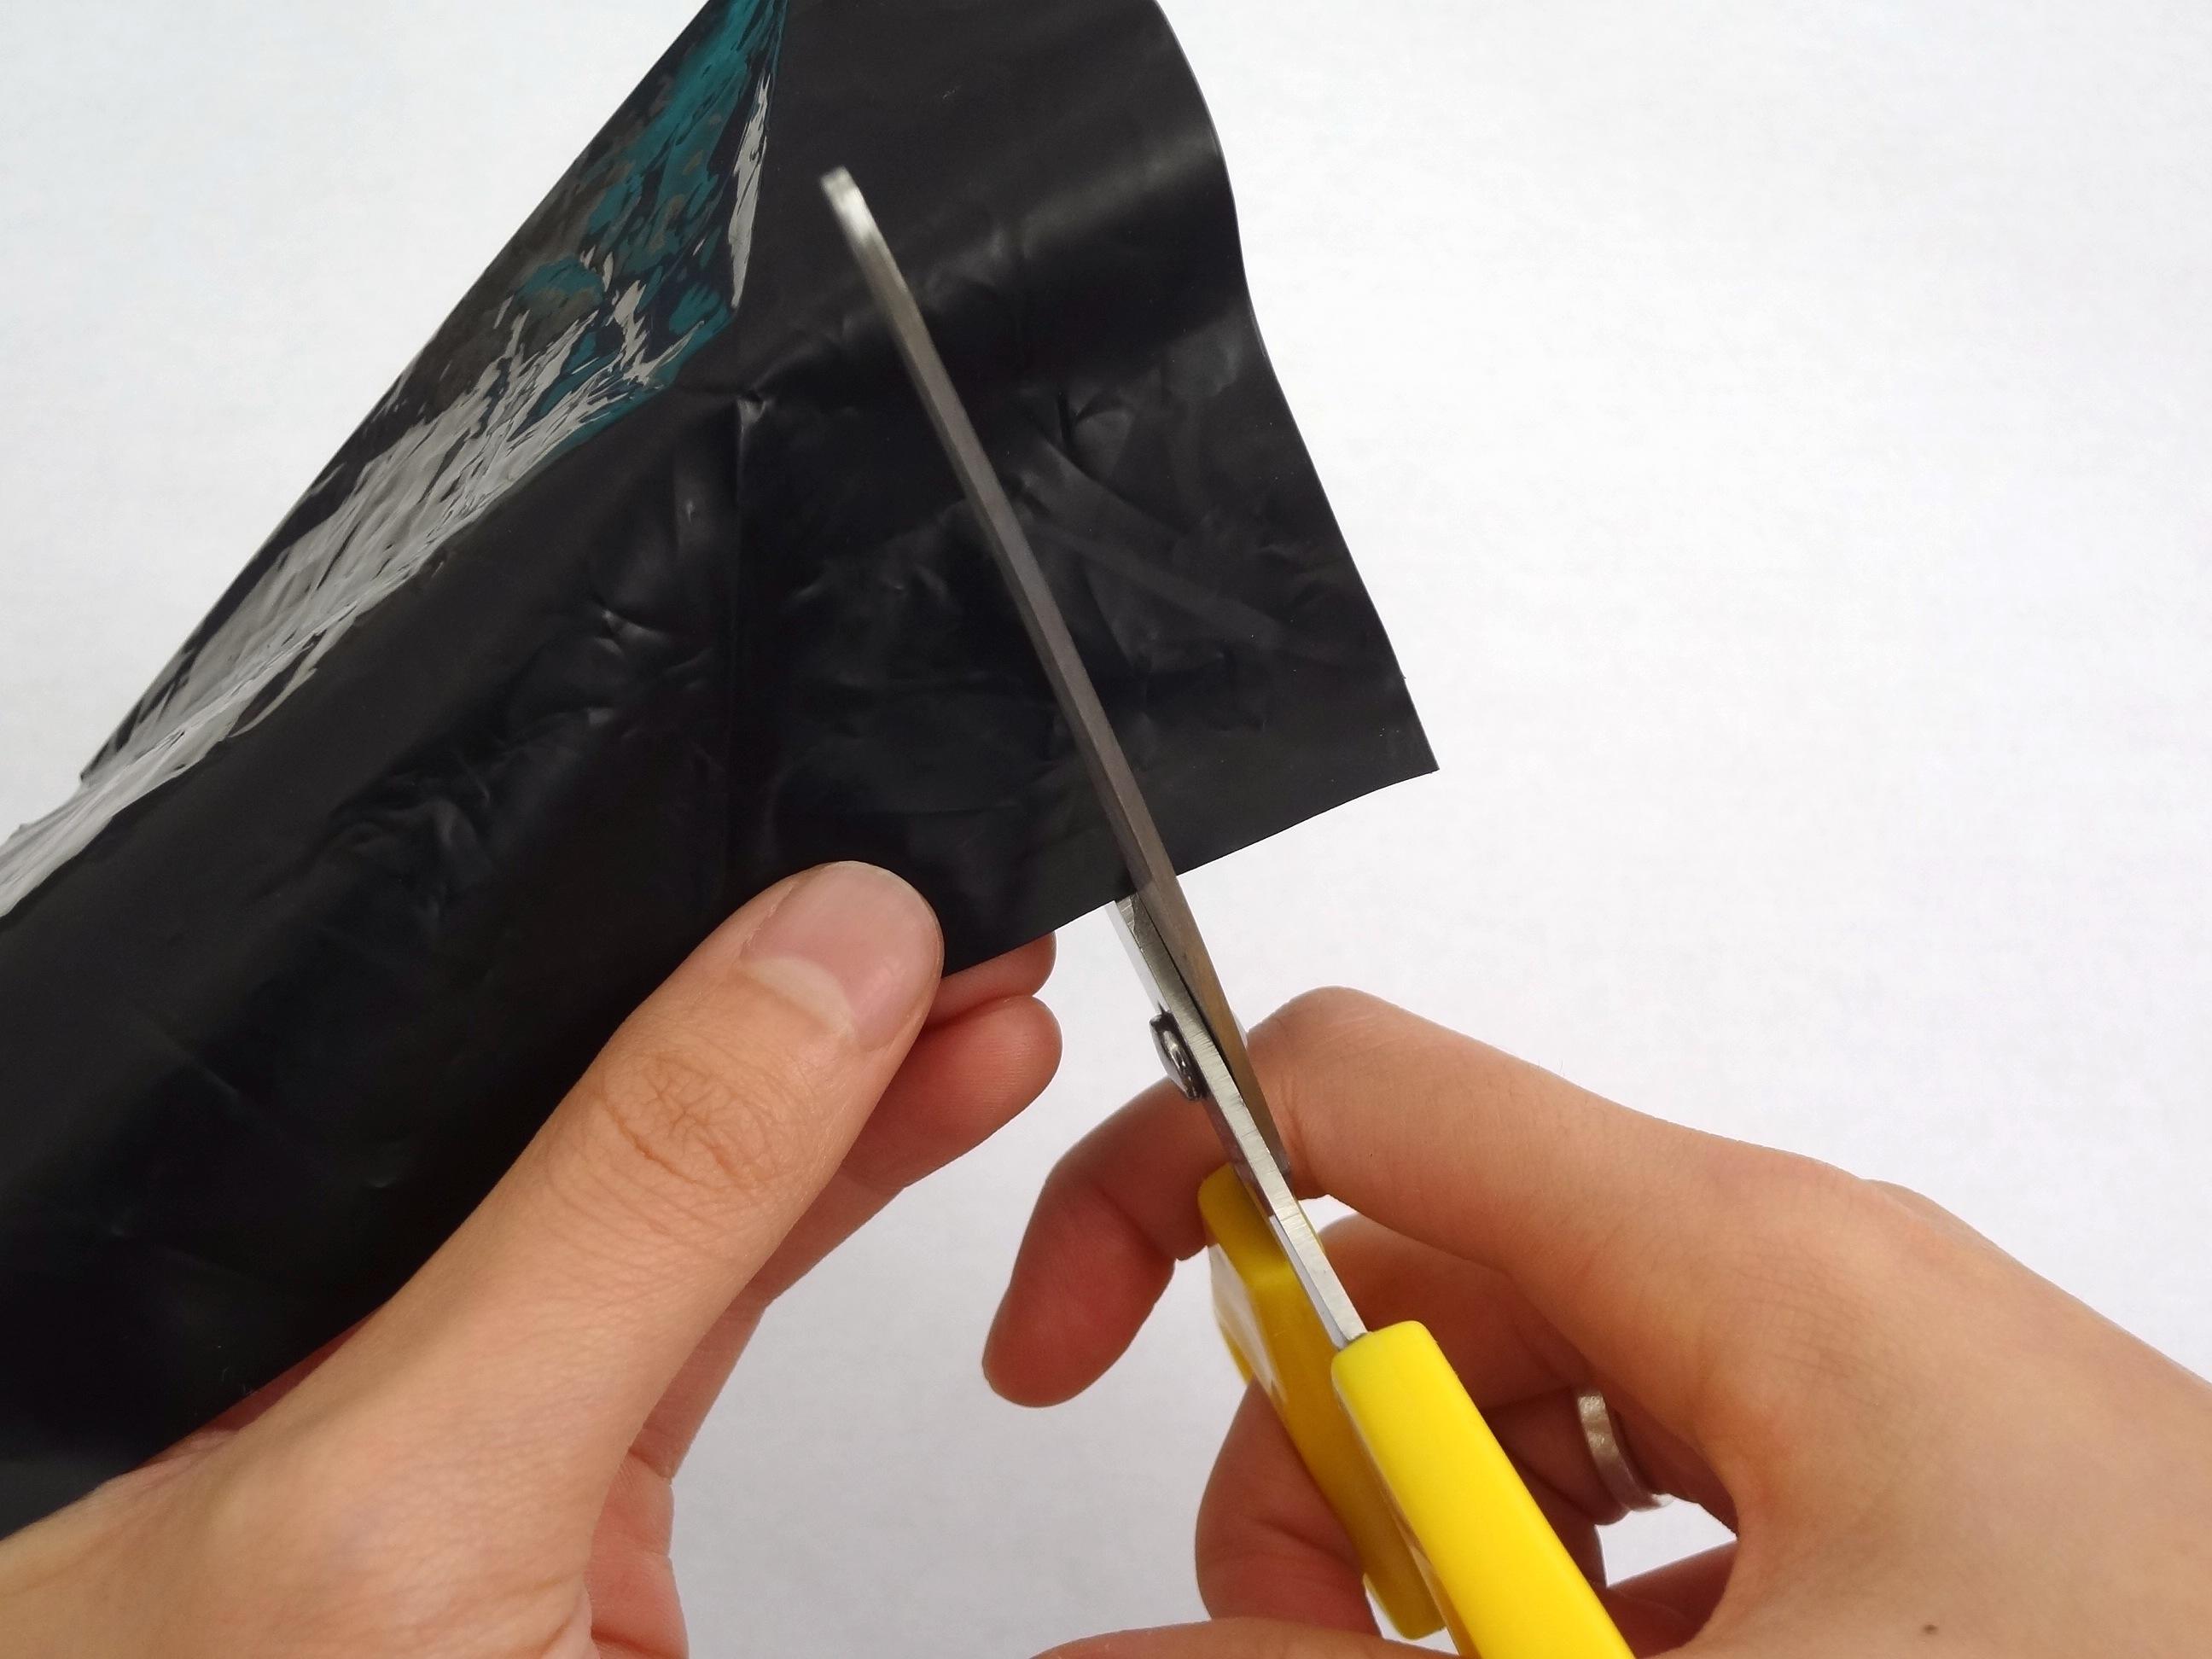 cutting pressure sensor paper